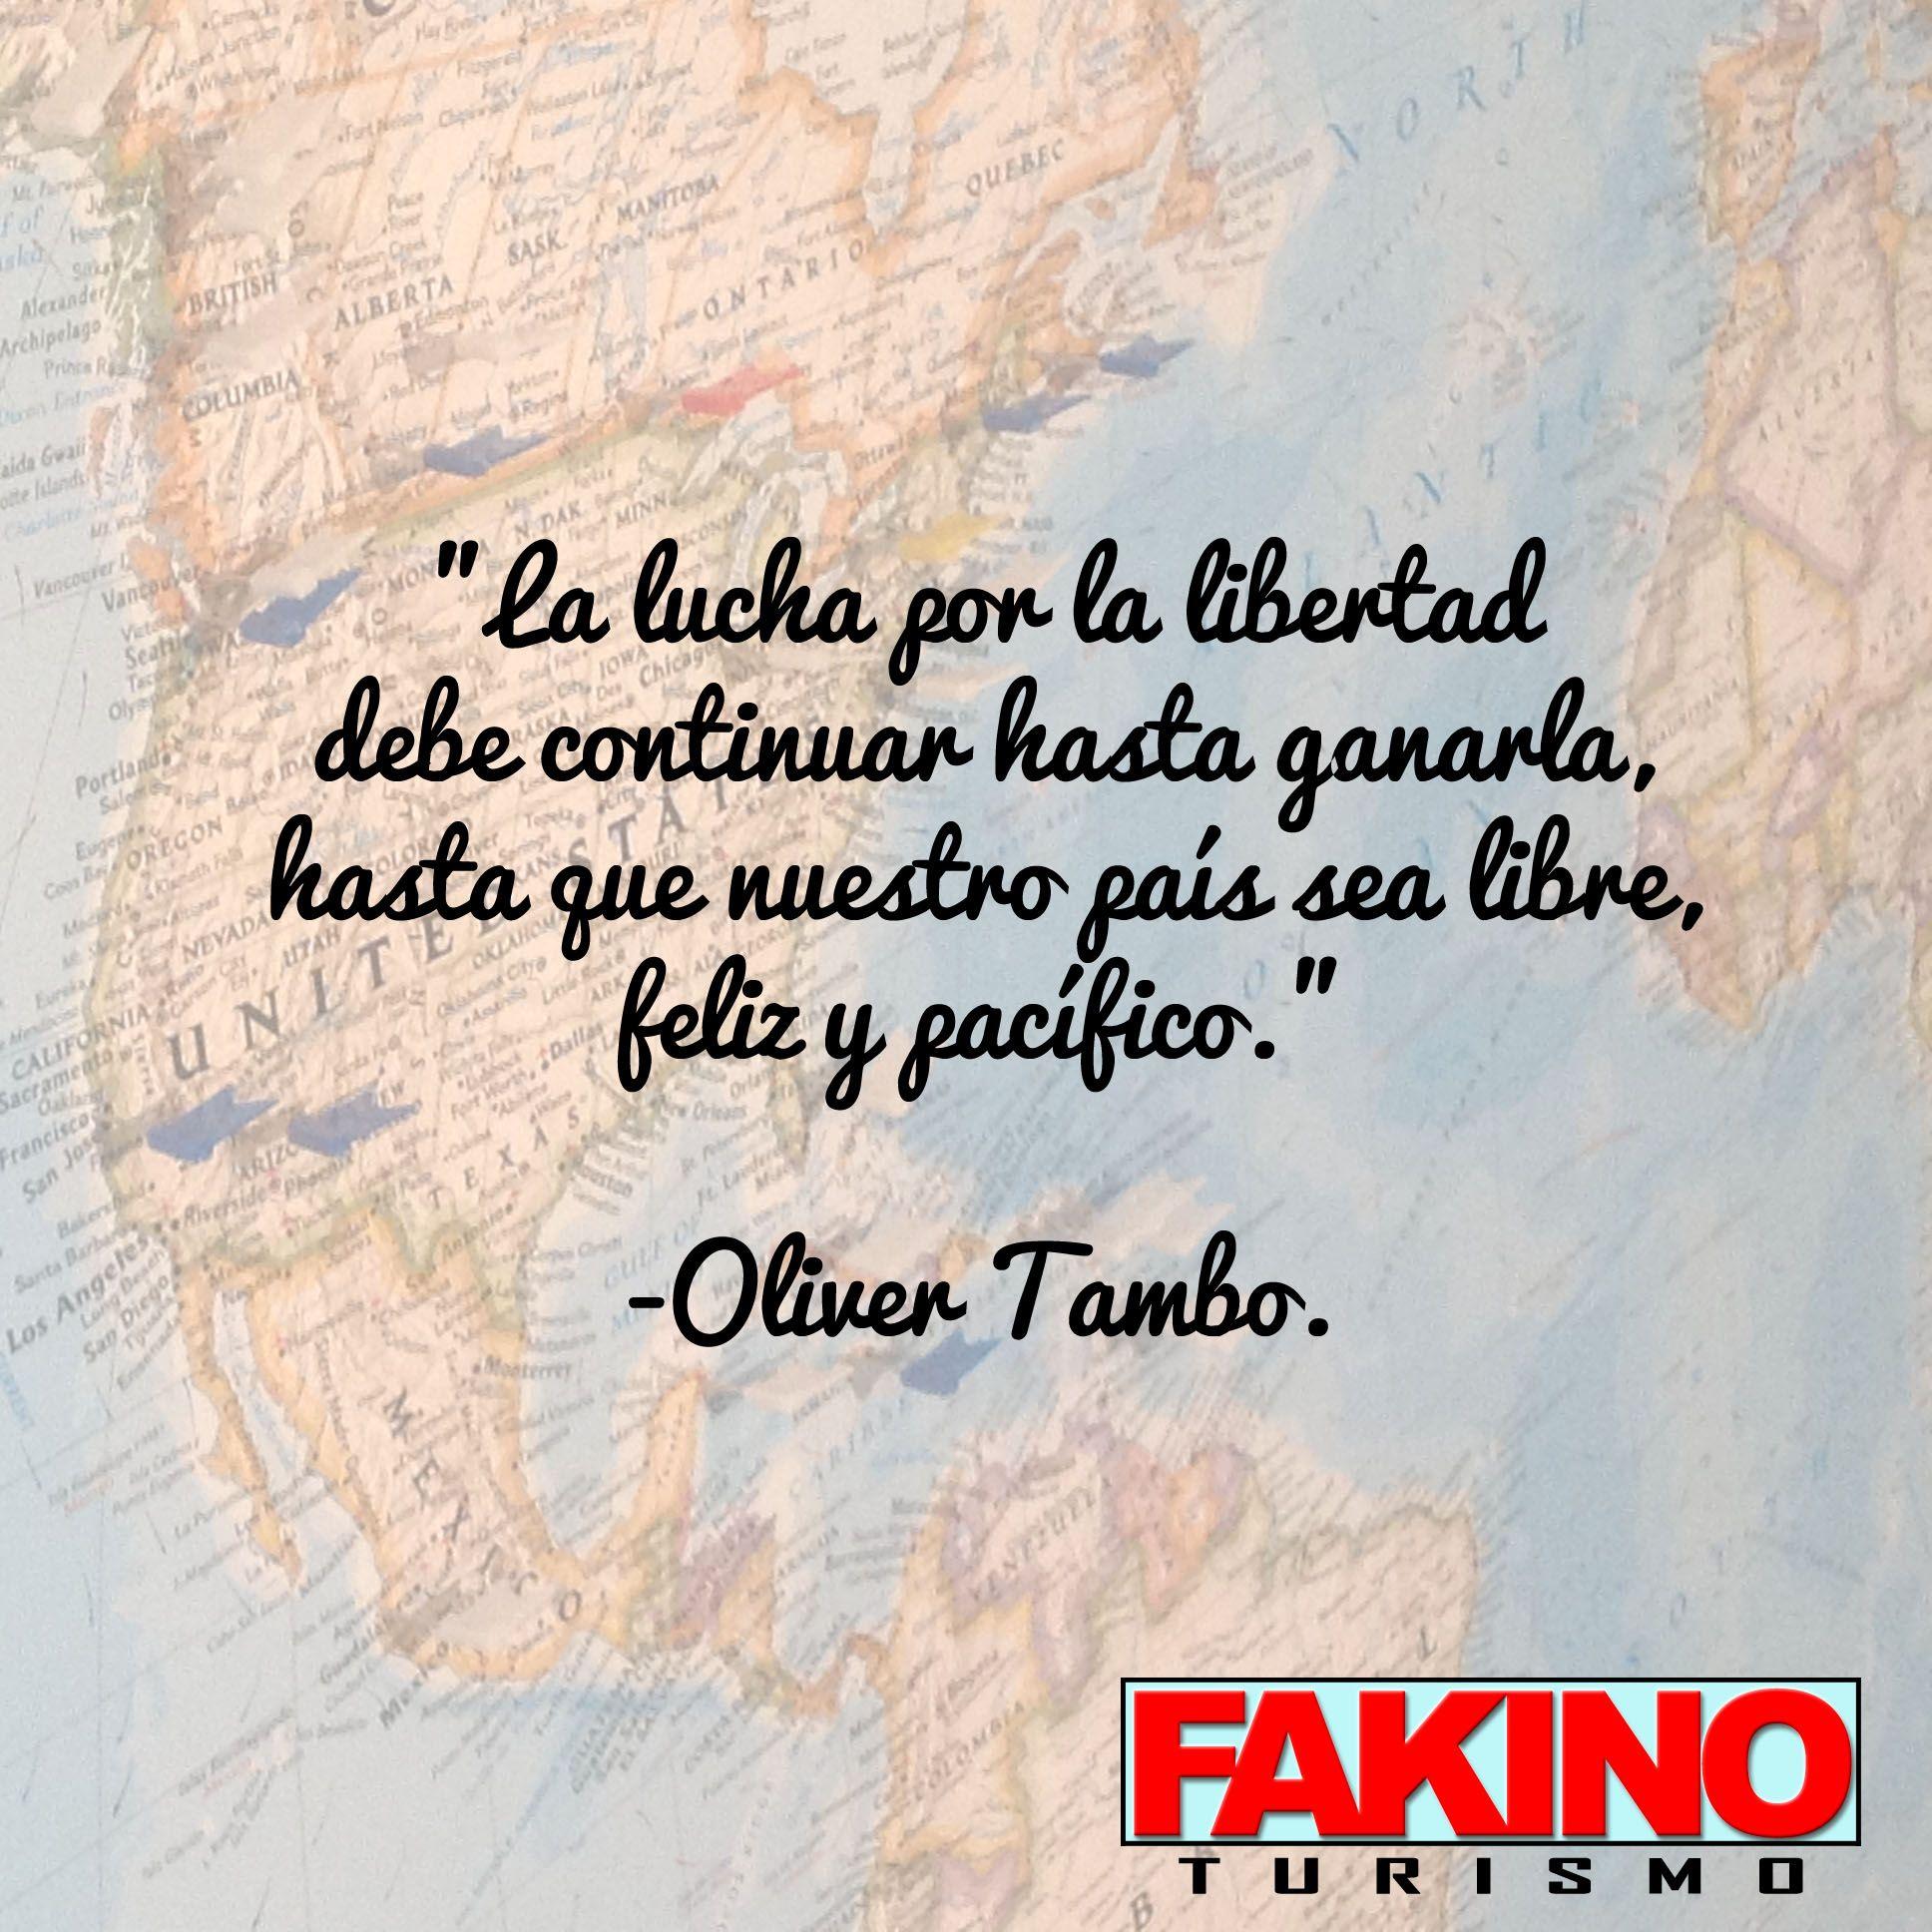 """""""La lucha por la libertad debe continuar hasta ganarla, hasta que nuestro país sea libre, feliz y pacífico."""" -Oliver Tambo."""